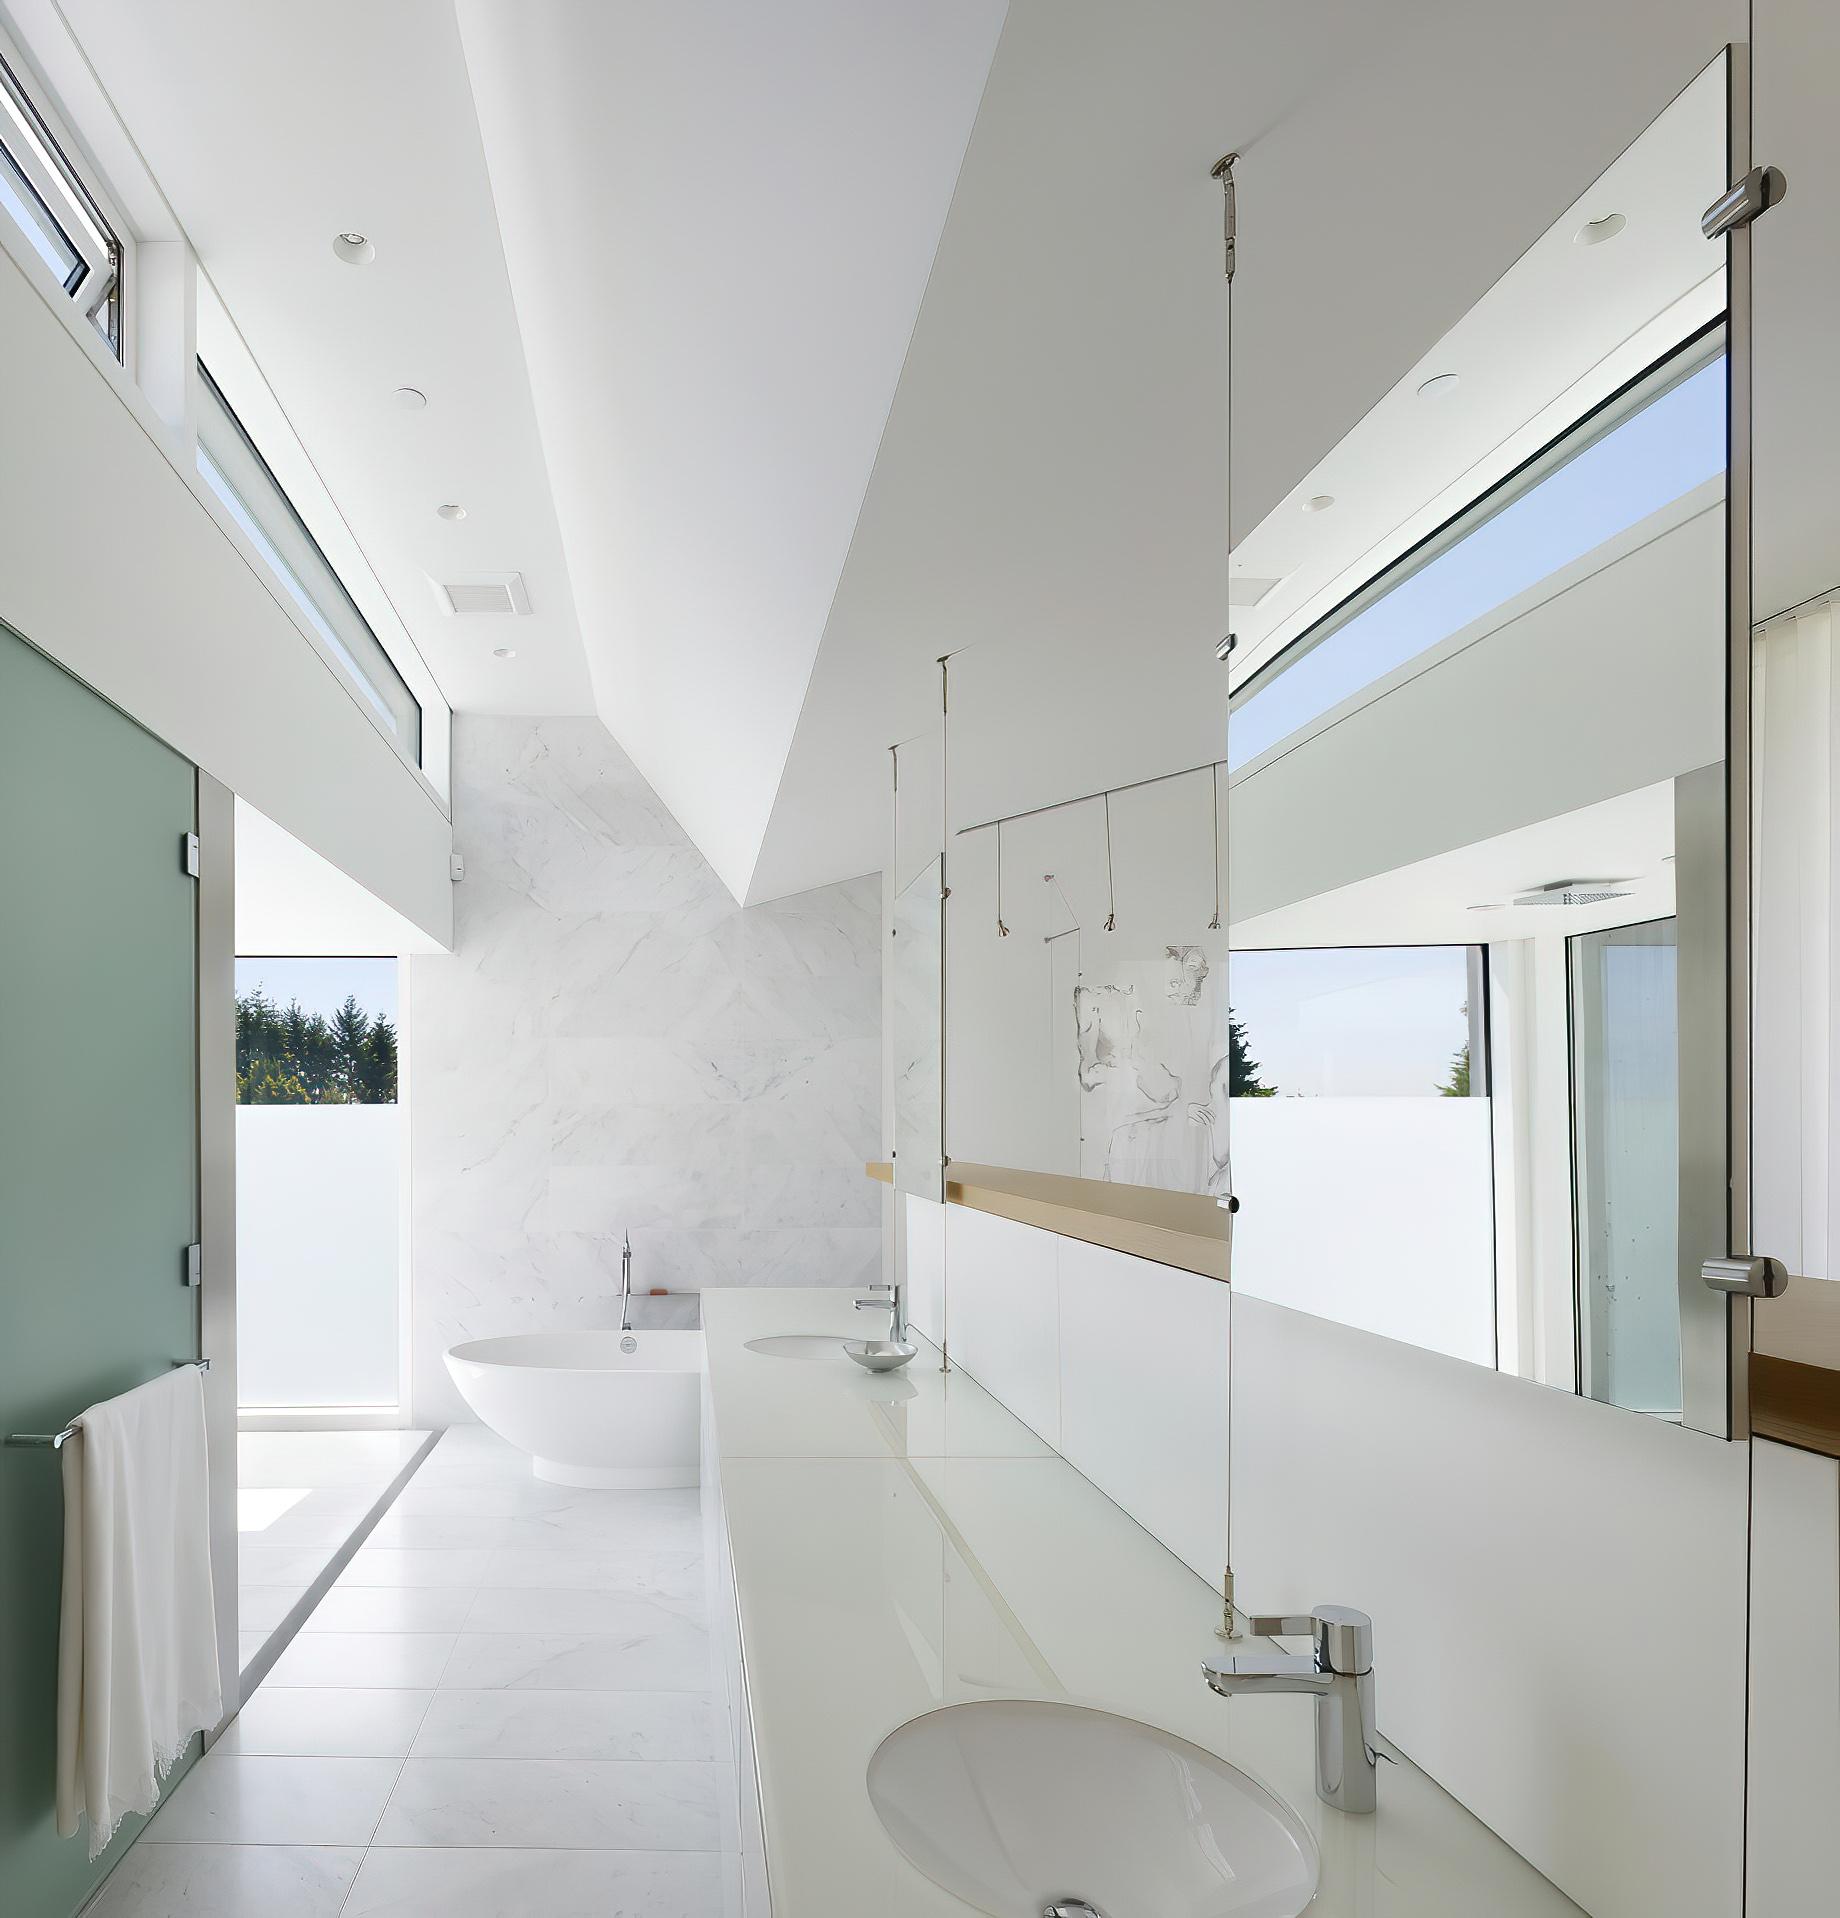 Concrete Glass Dream Home – Fairmile Rd, West Vancouver, BC, Canada